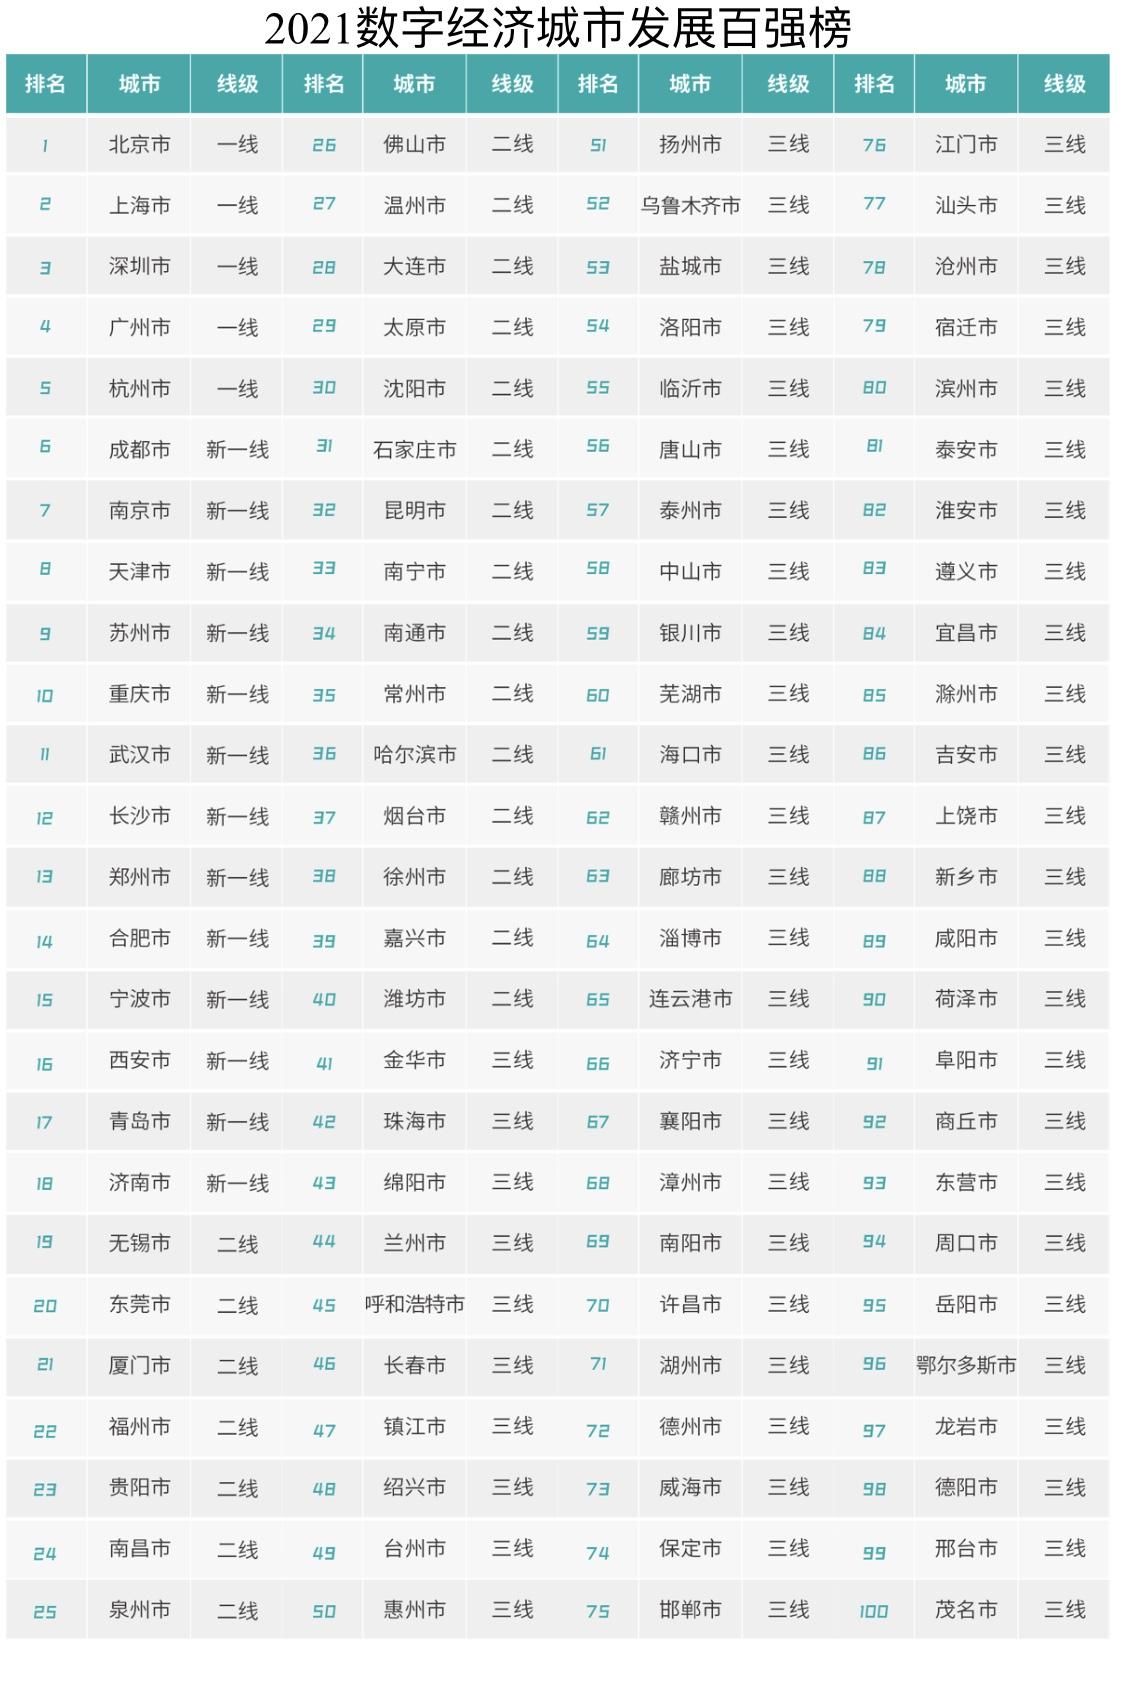 2021中国各市gdp_2021年中国城市人均GDP排名大洗牌,深圳从第一跌至第五